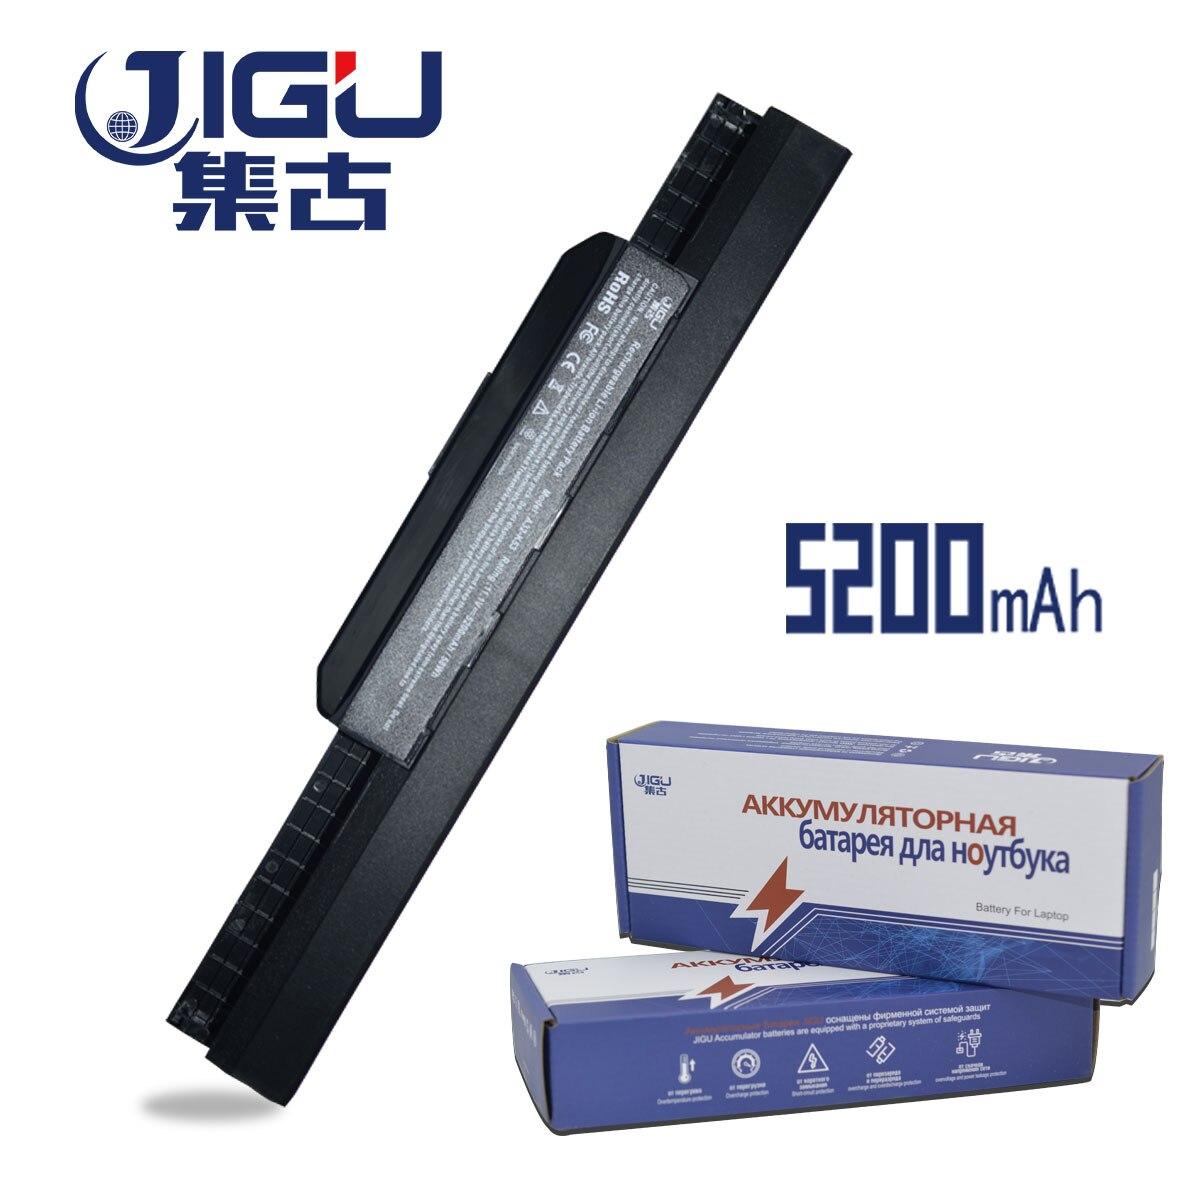 JIGU Batterie D'ordinateur Portable Pour Asus A43 A53 A53S A53z A53SV A53SV K43 K43E K43J K43S K43SV K53 K53E K53F K53J k53S K53SV K53T K53U